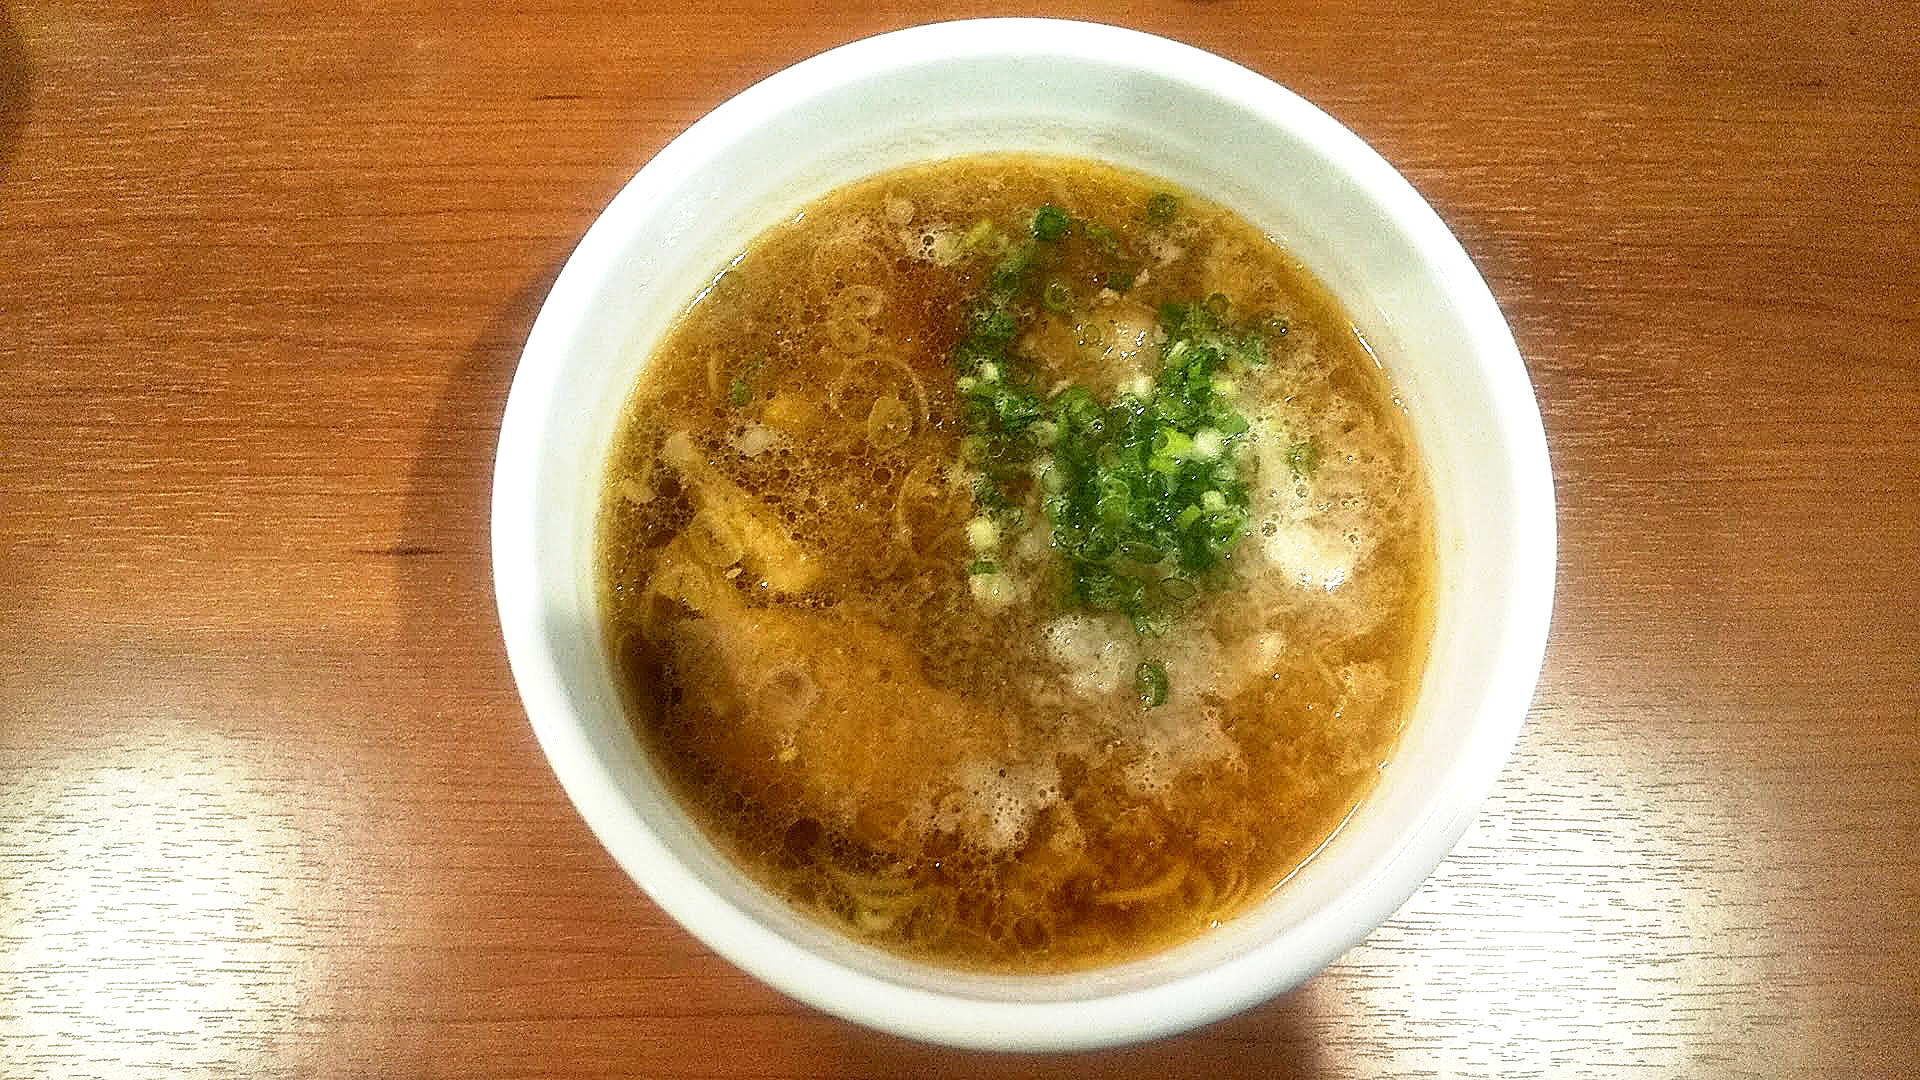 らーめんうち田のみぞれつけ麺のつけ汁の写真